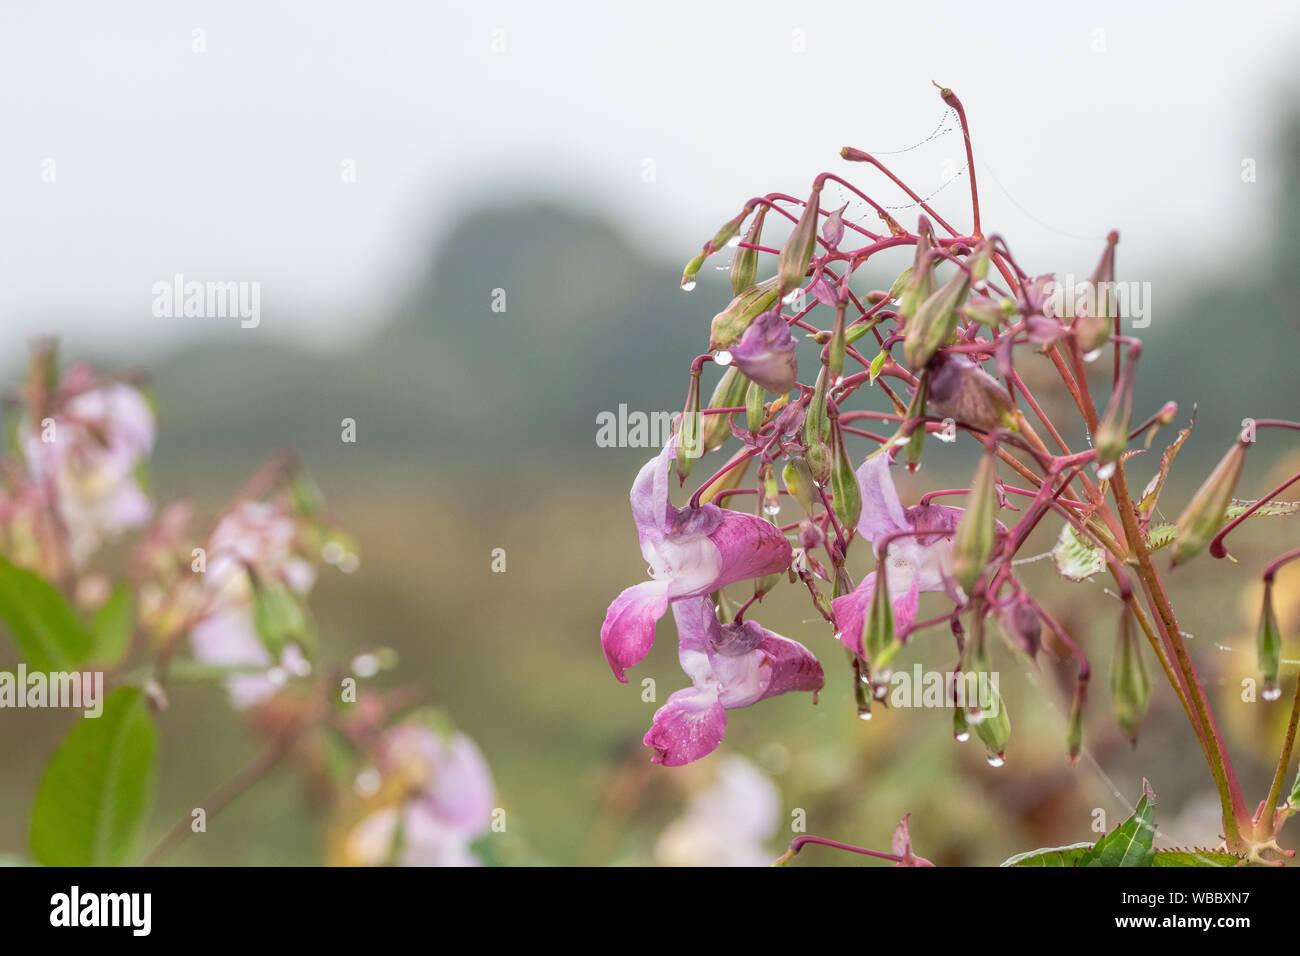 Flores y hojas superiores de problemáticas Bálsamo / Impatiens glandulifera del Himalaya. Le gusta el suelo húmedo / tierra, ríos, riberas, hygrophilous. Foto de stock